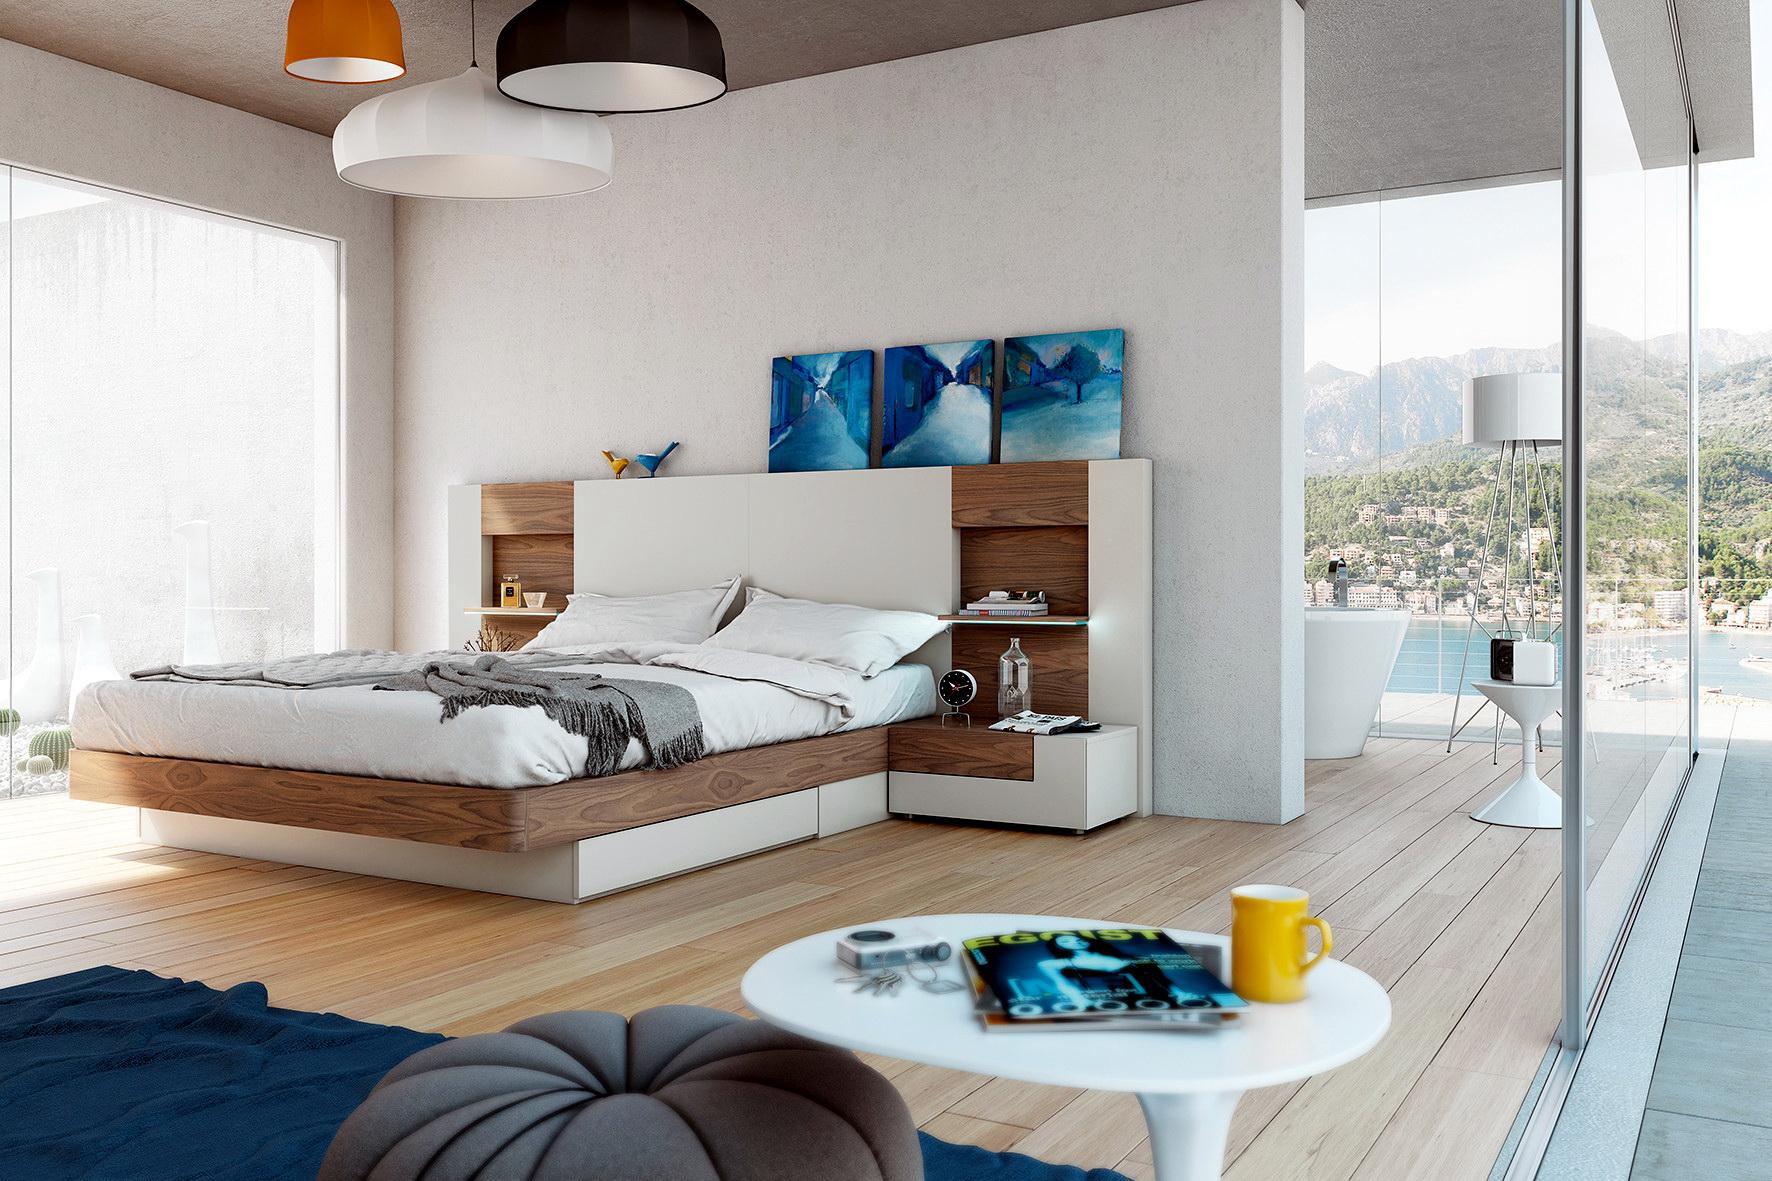 muebles en leon you and me dormitorio moderno by garc a sabat en muebles anto n le n